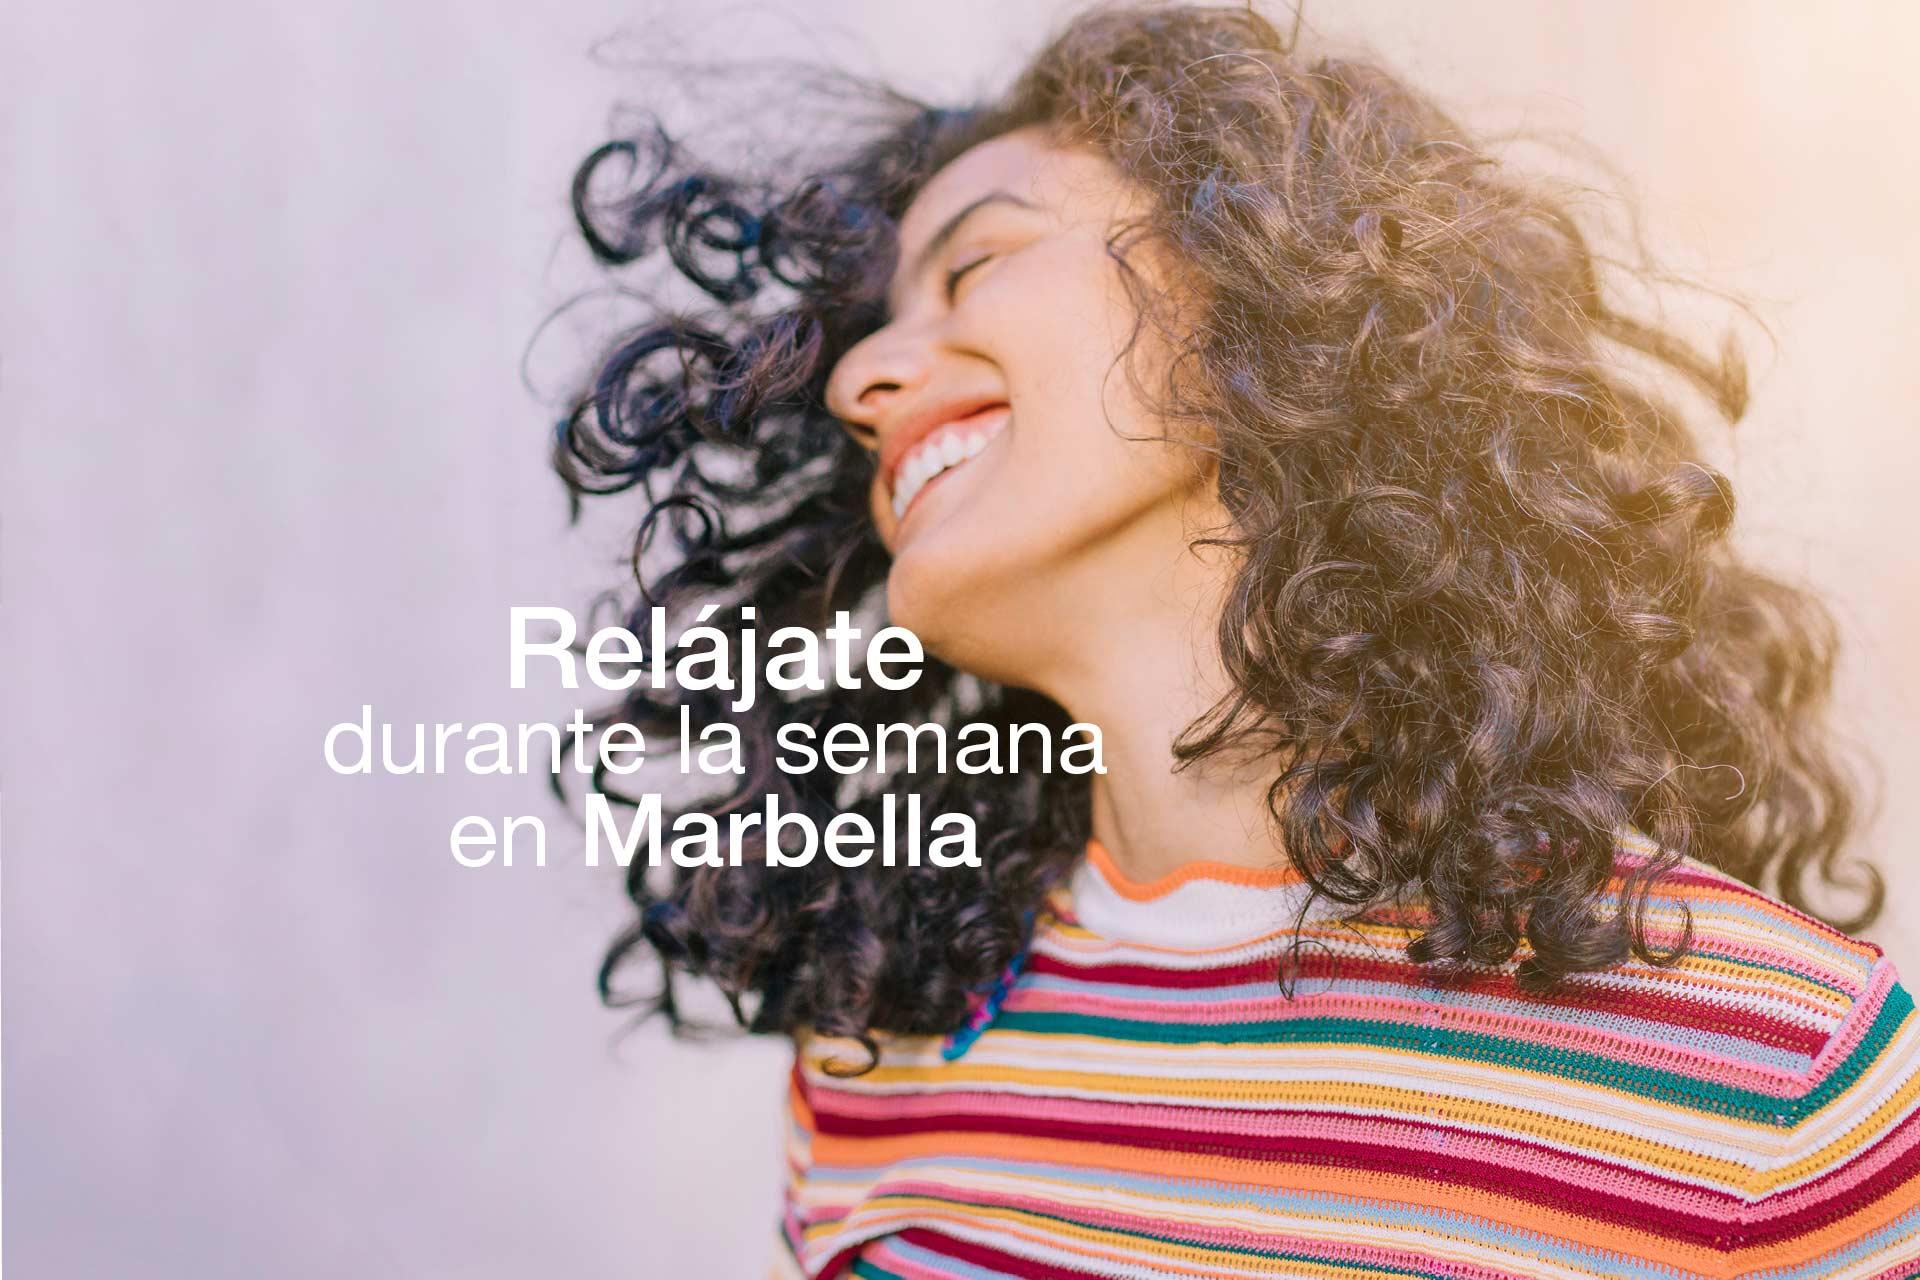 Disfruta la semana en Marbella